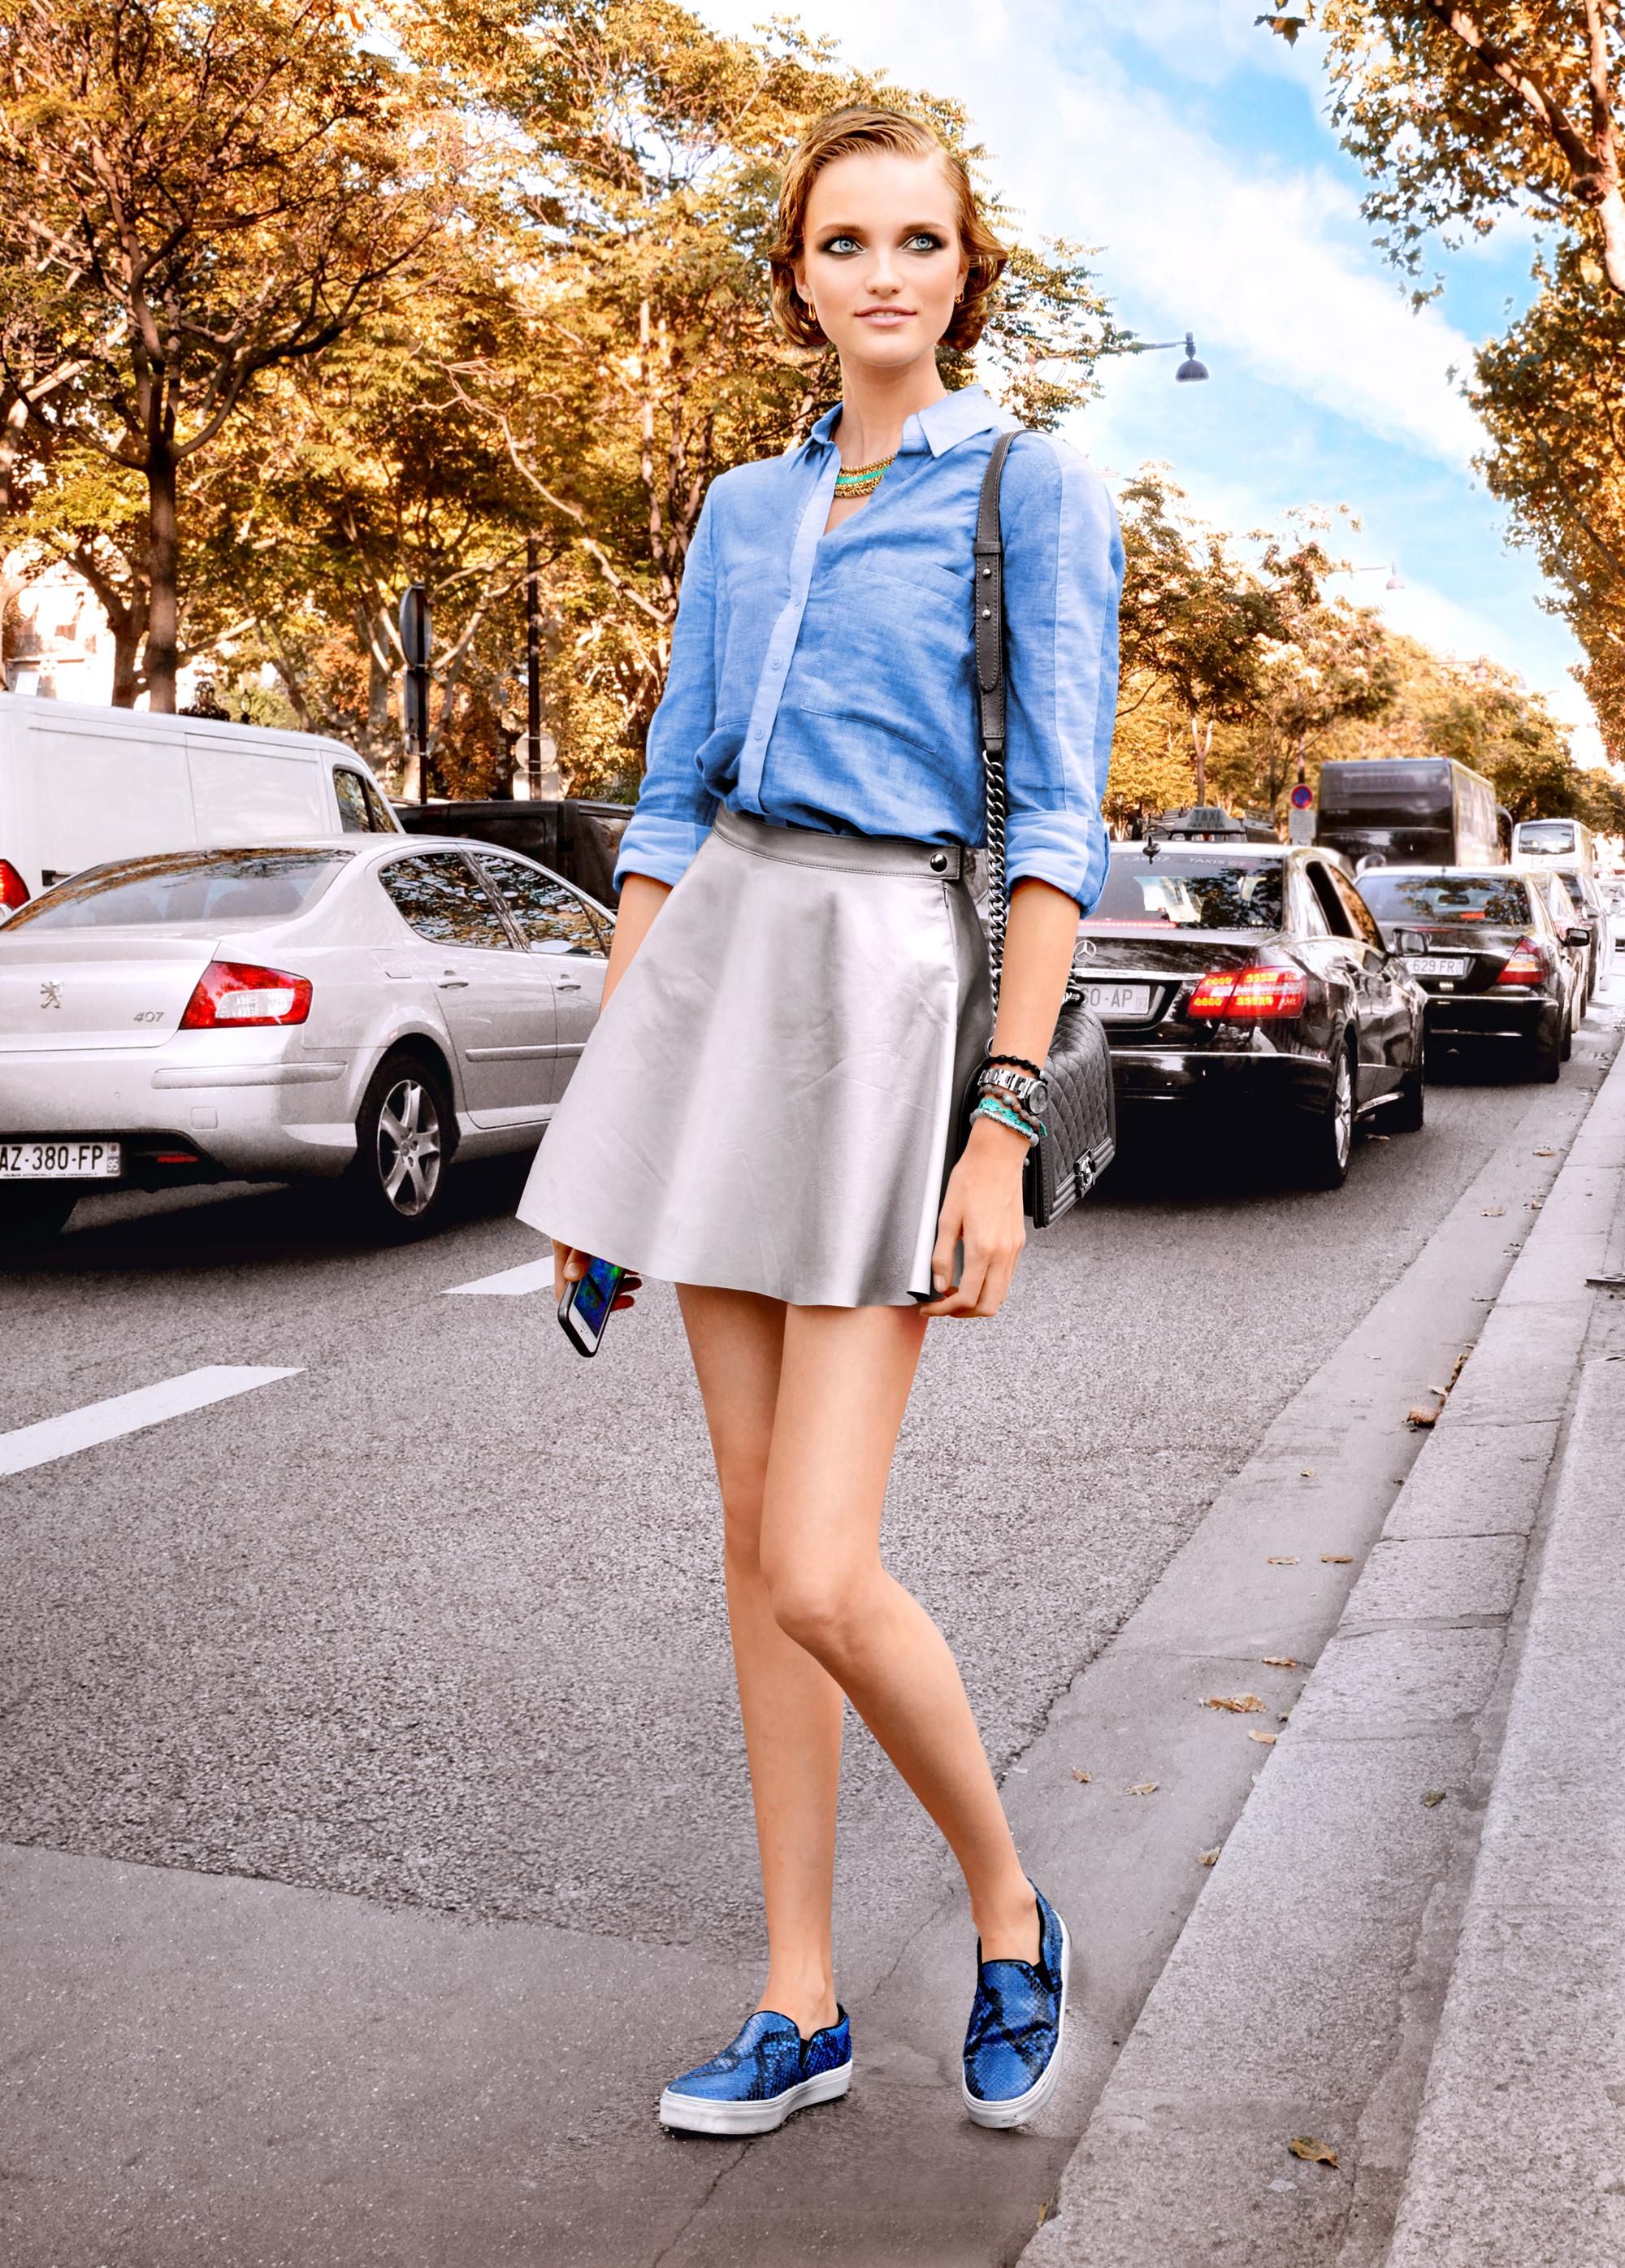 En 2009, l'édition française de Vogue la cite parmi les 30 grands mannequins des années 2000.